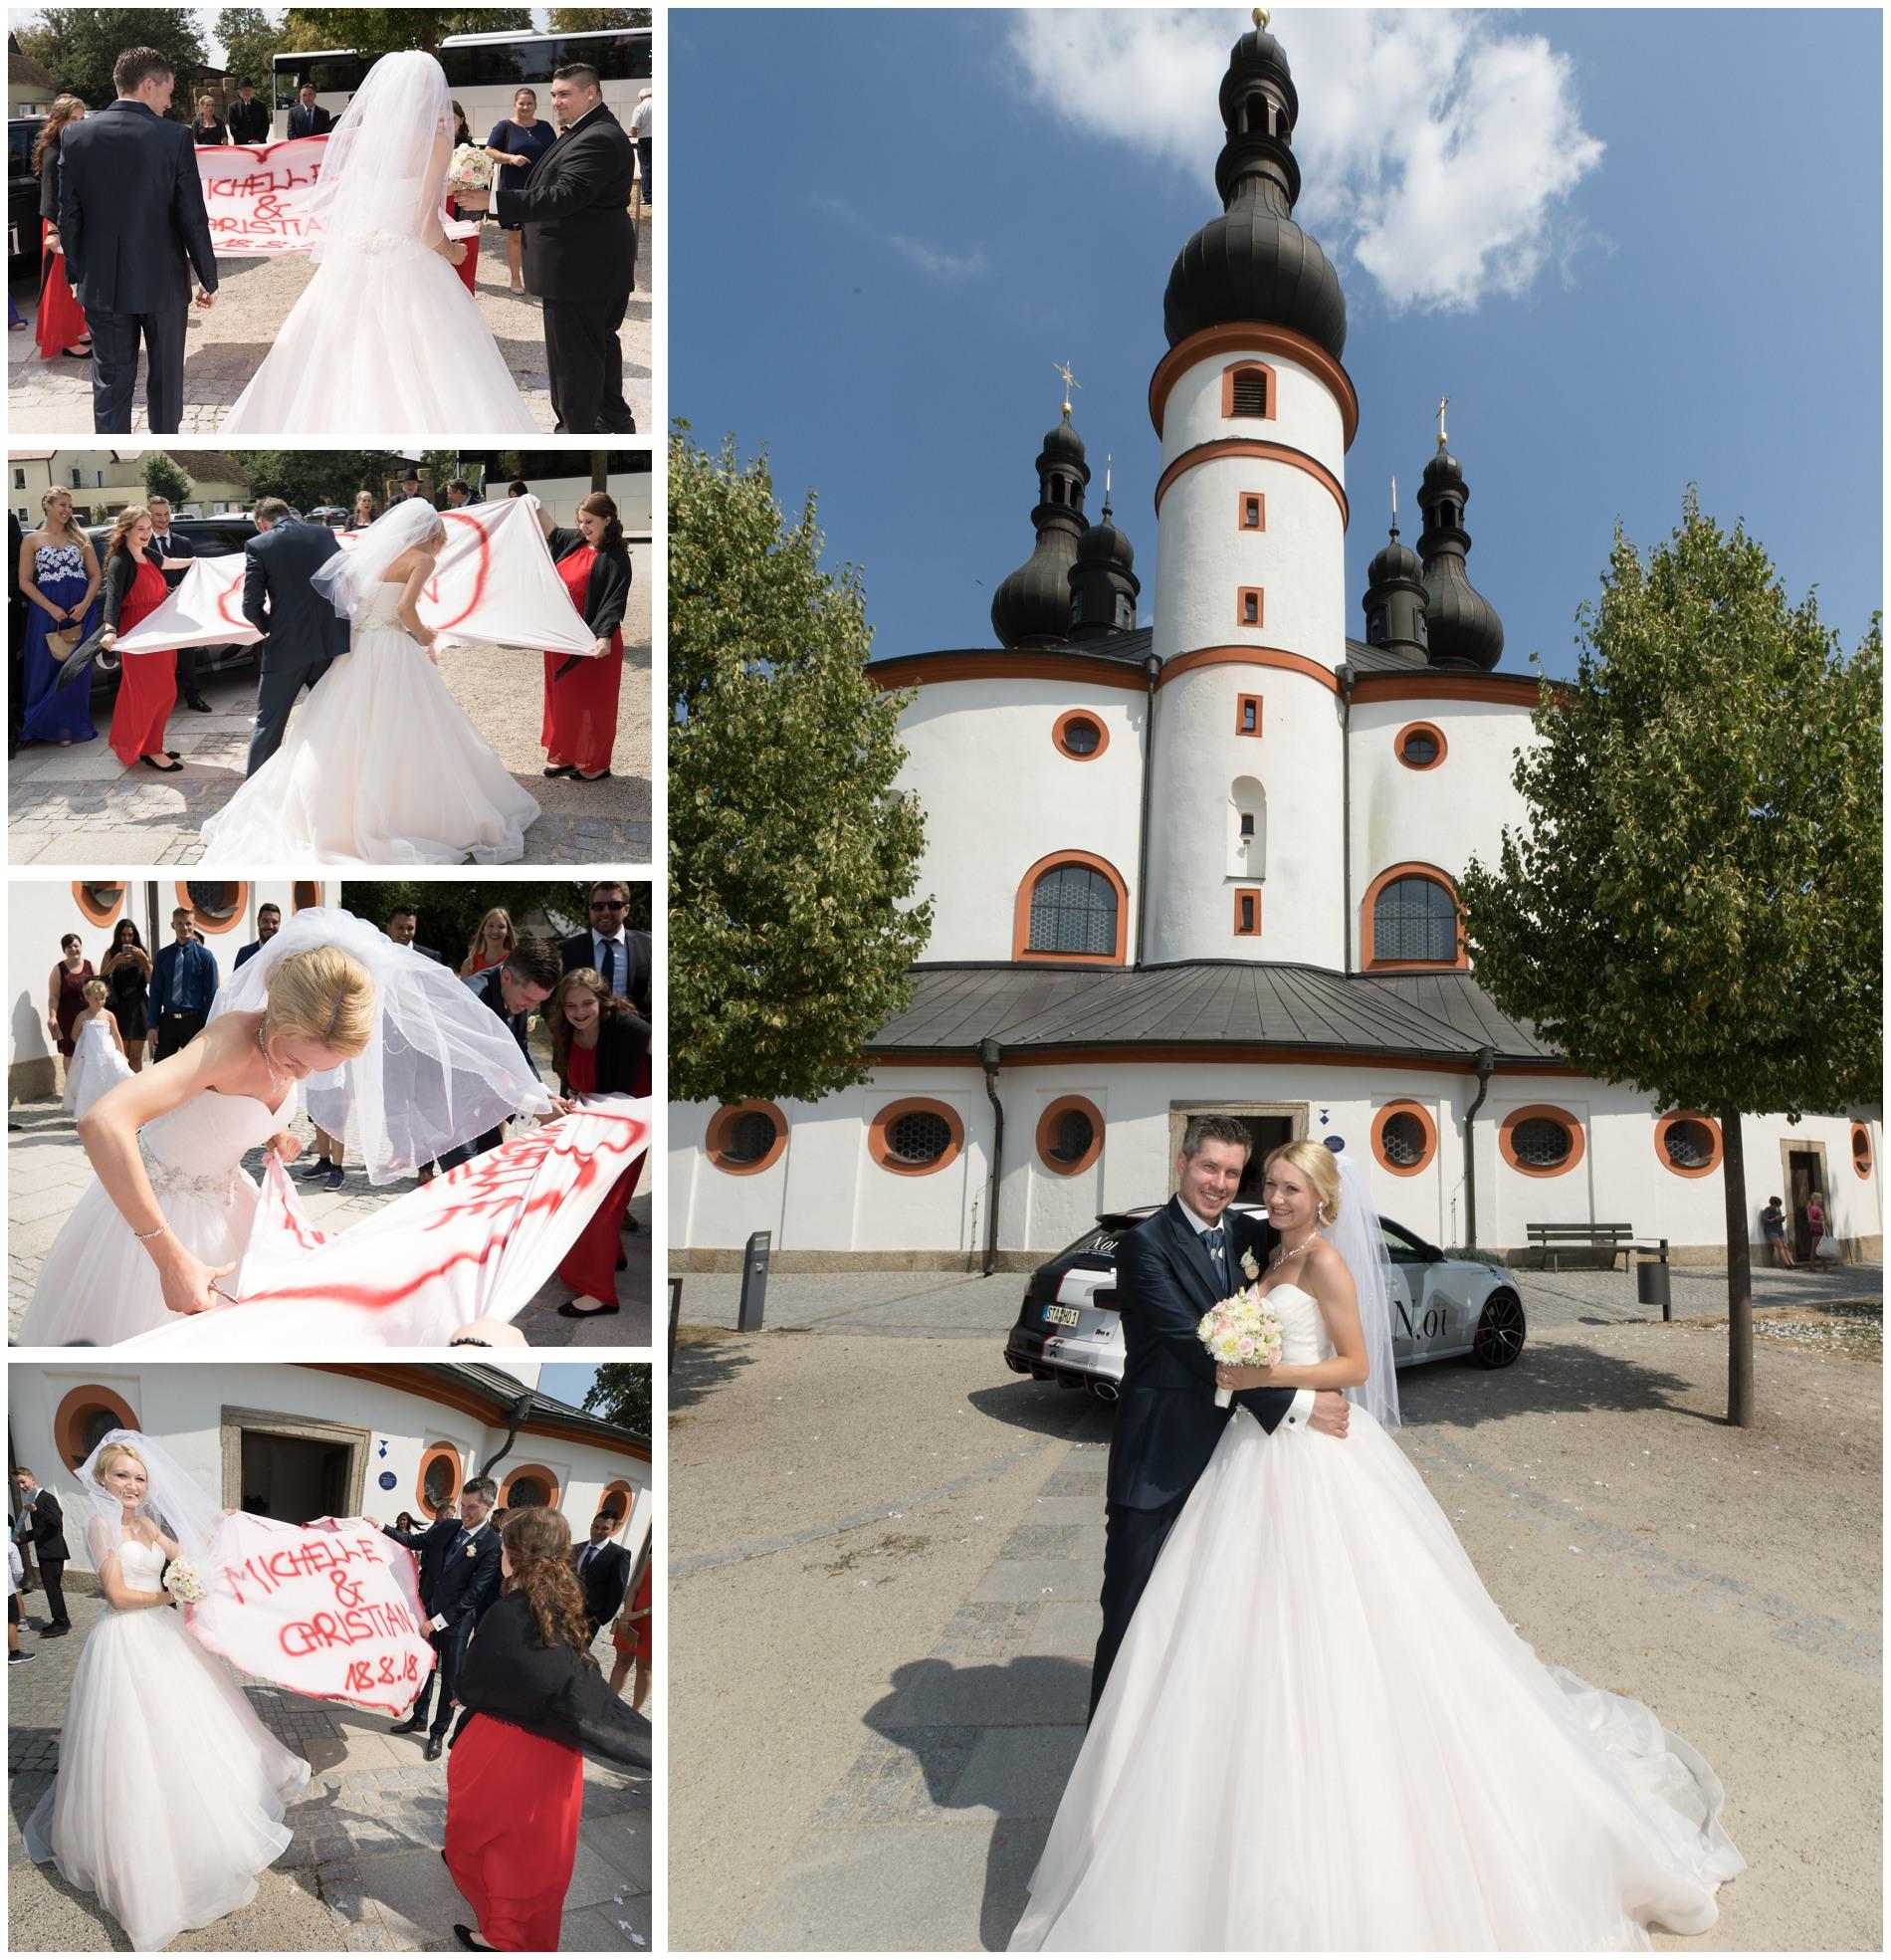 3. Wallfahrtskirche der Heiligsten Dreifaltigkeit - Hochzeitsfotograf Stephanie Scharschmidt